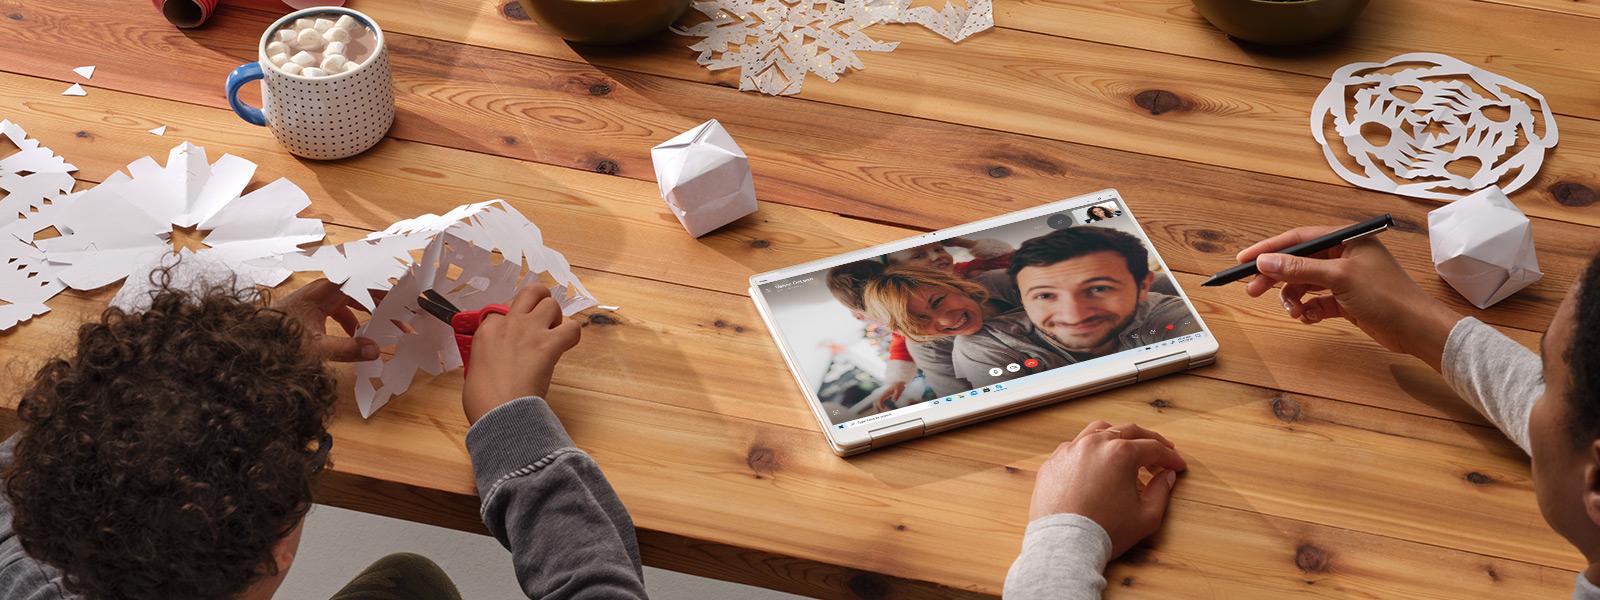 Un PC posé sur une table montrant un appel Skype tandis que deux personnes sont assises à la table en train de faire des flocons de neige